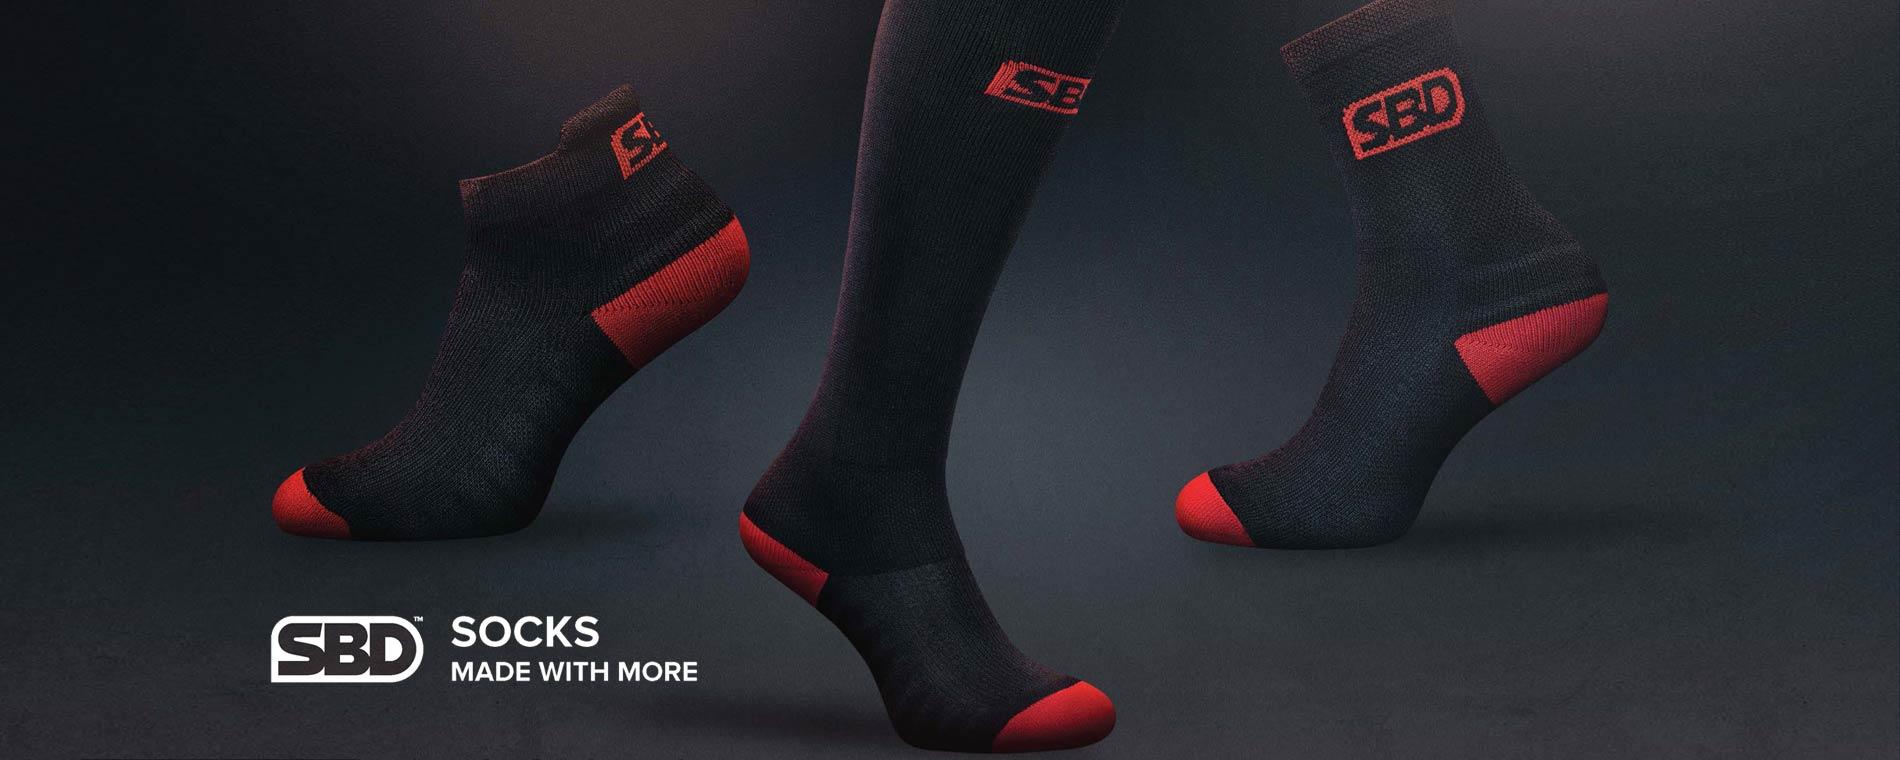 20201027-sbd-socks-releases-banner-1